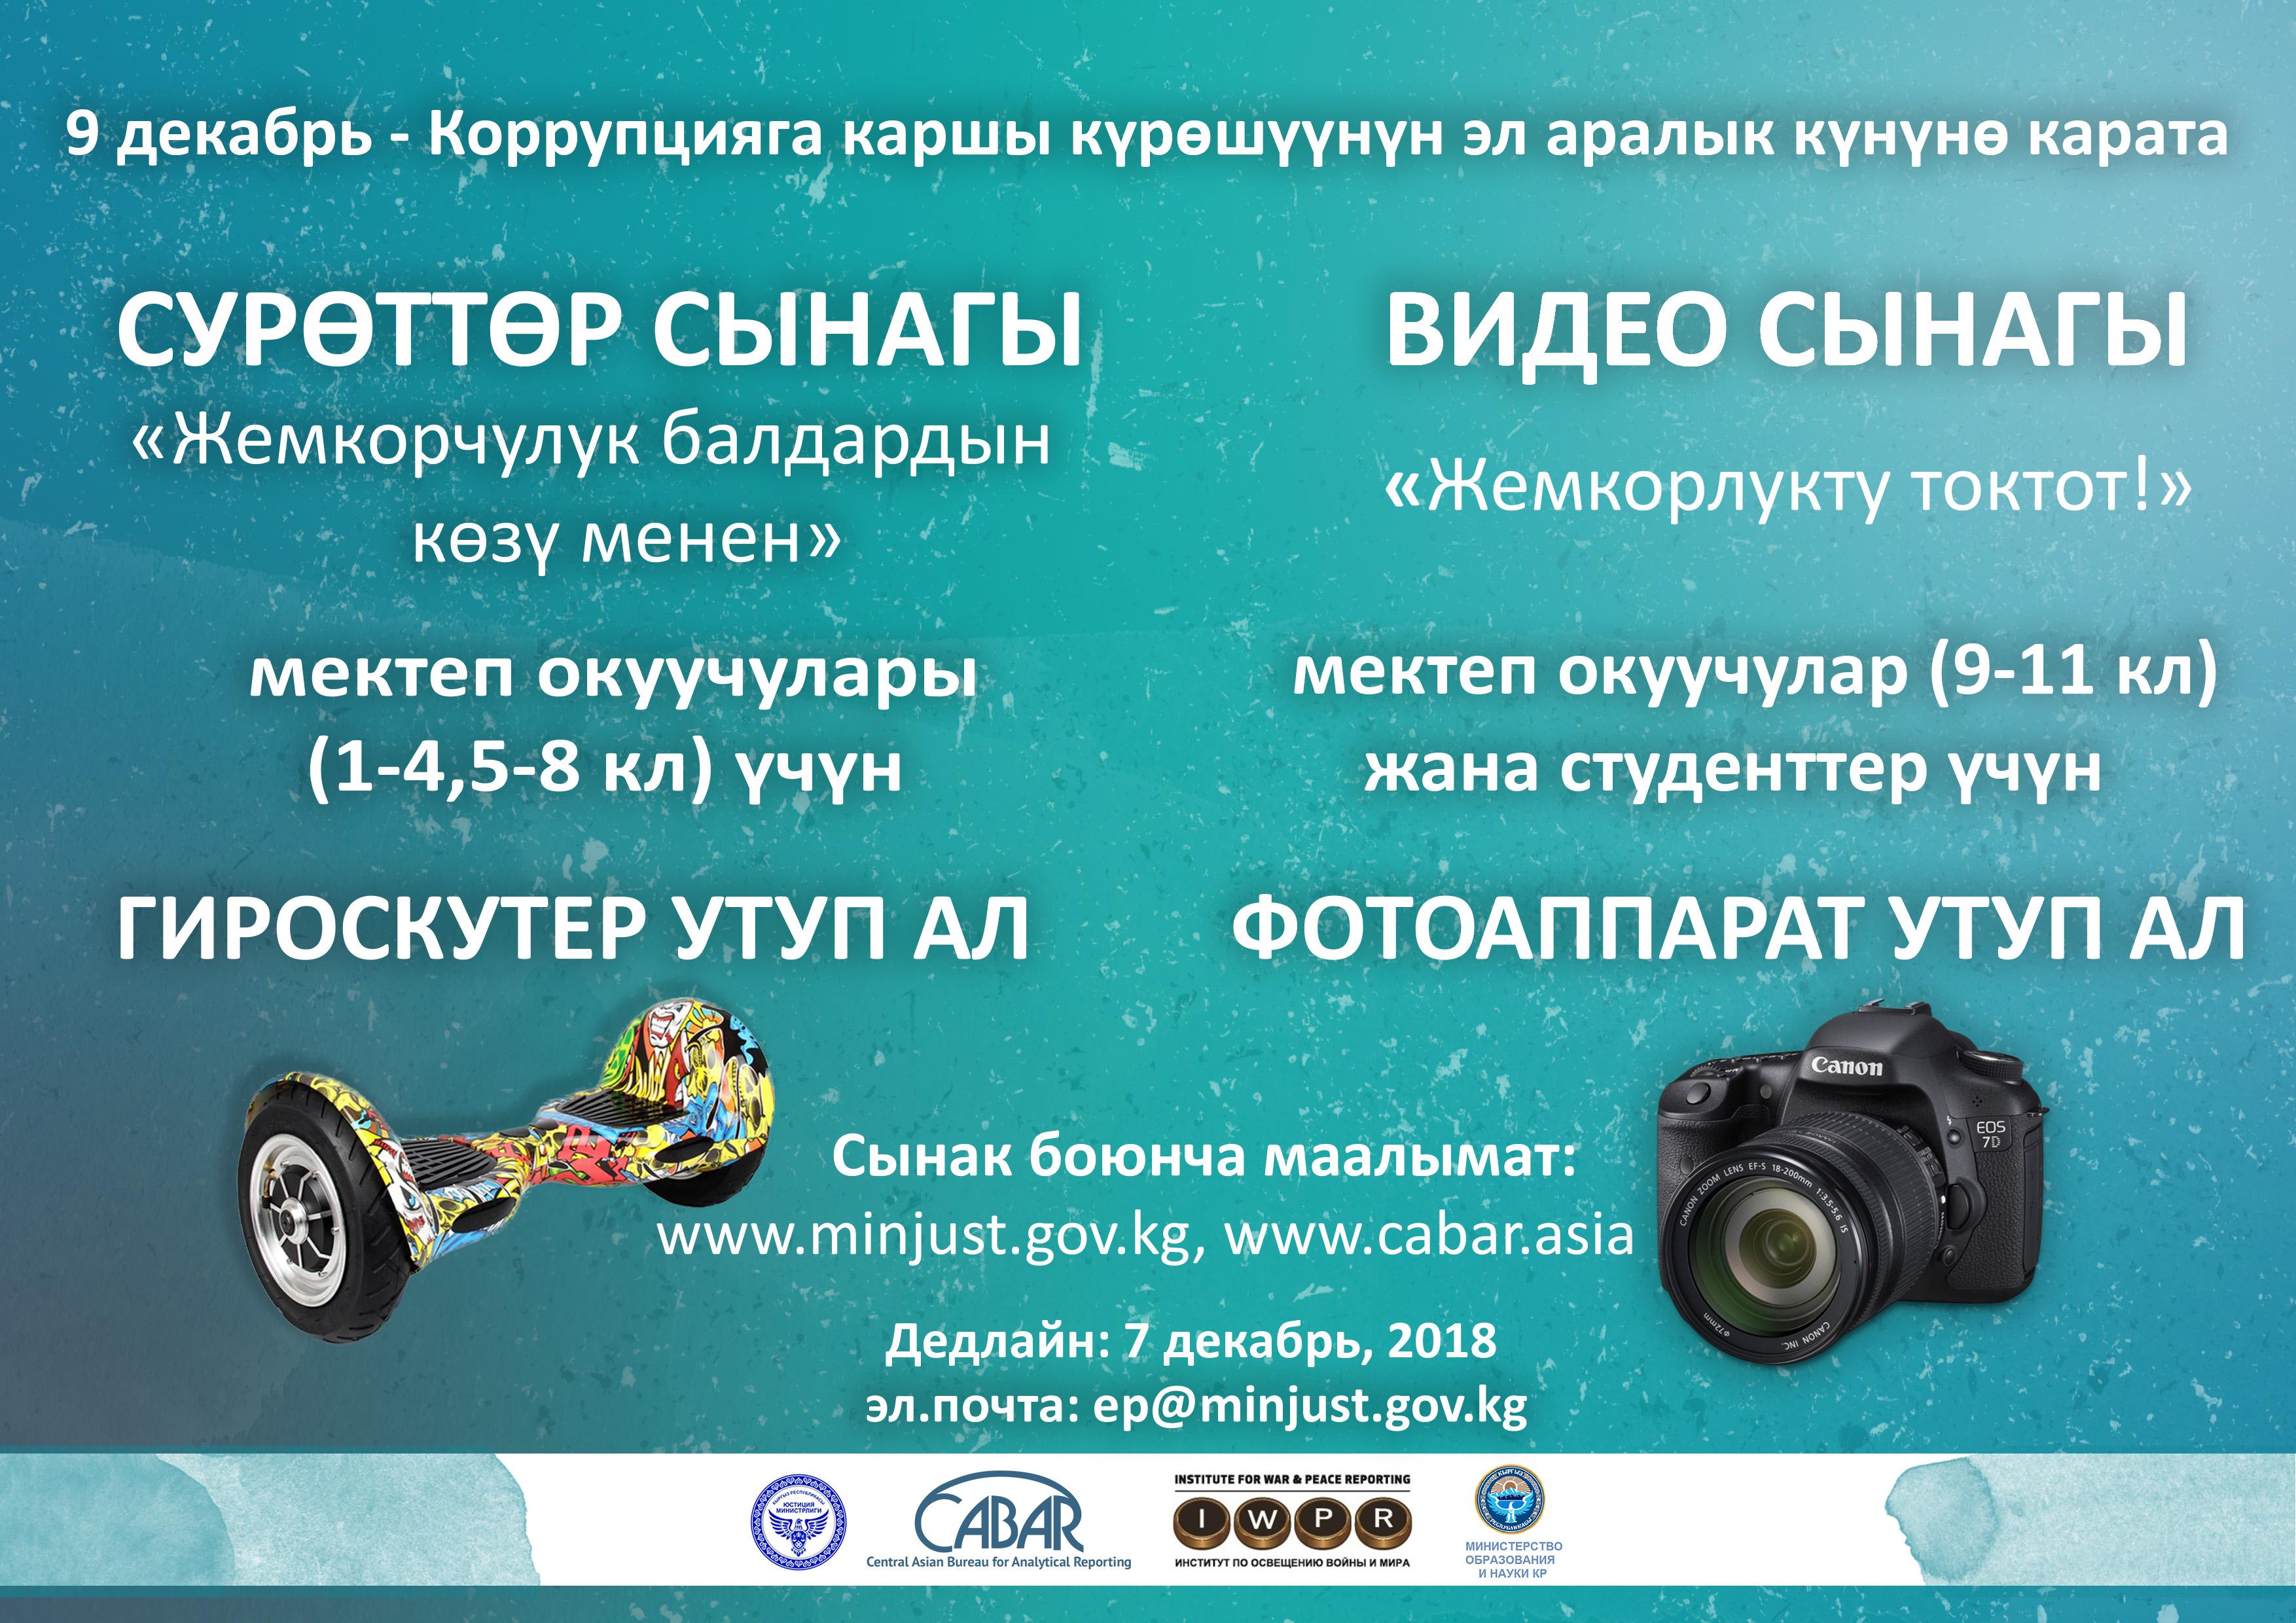 7c1b81db99baa24afcf7488e7b619de7.jpg